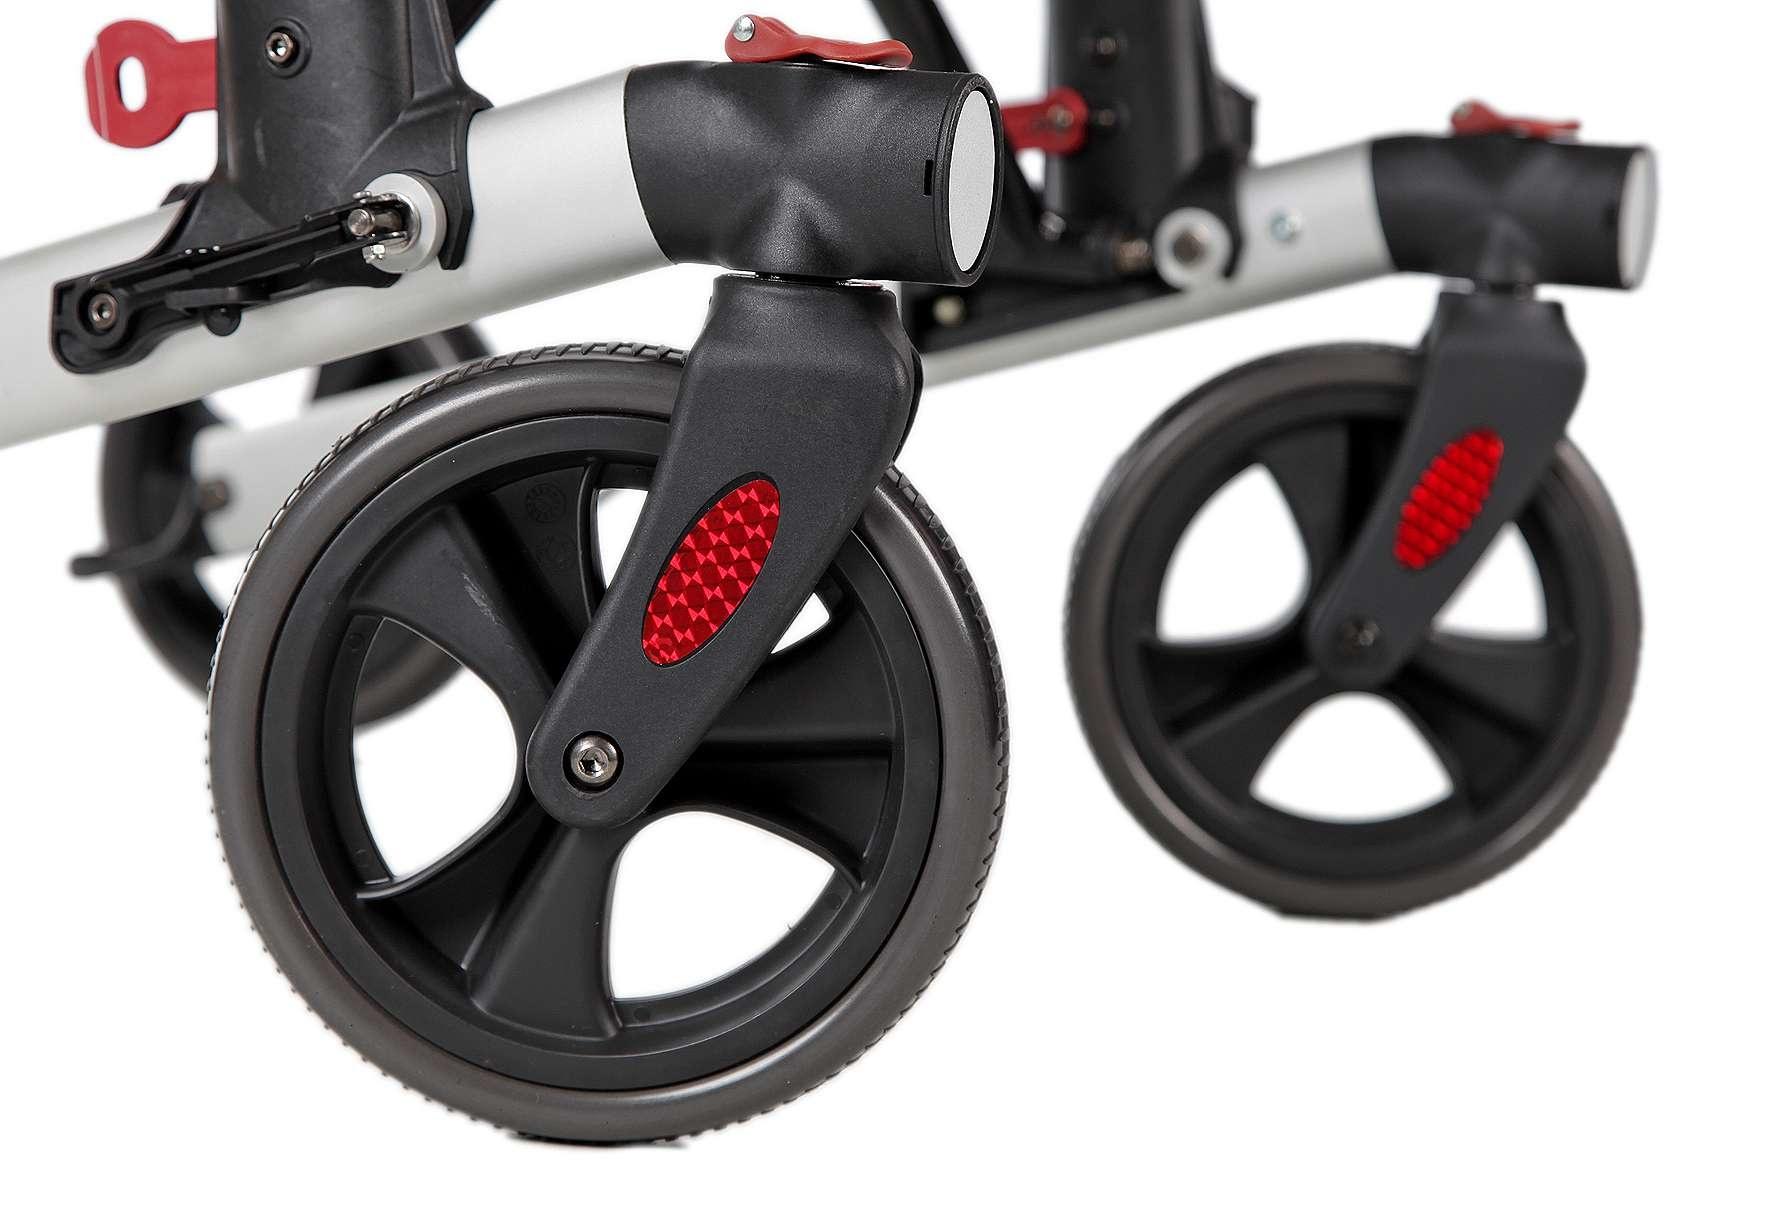 Wheelzahead Set voorwielen incl. nieuwe voorvork TRACK 3.0